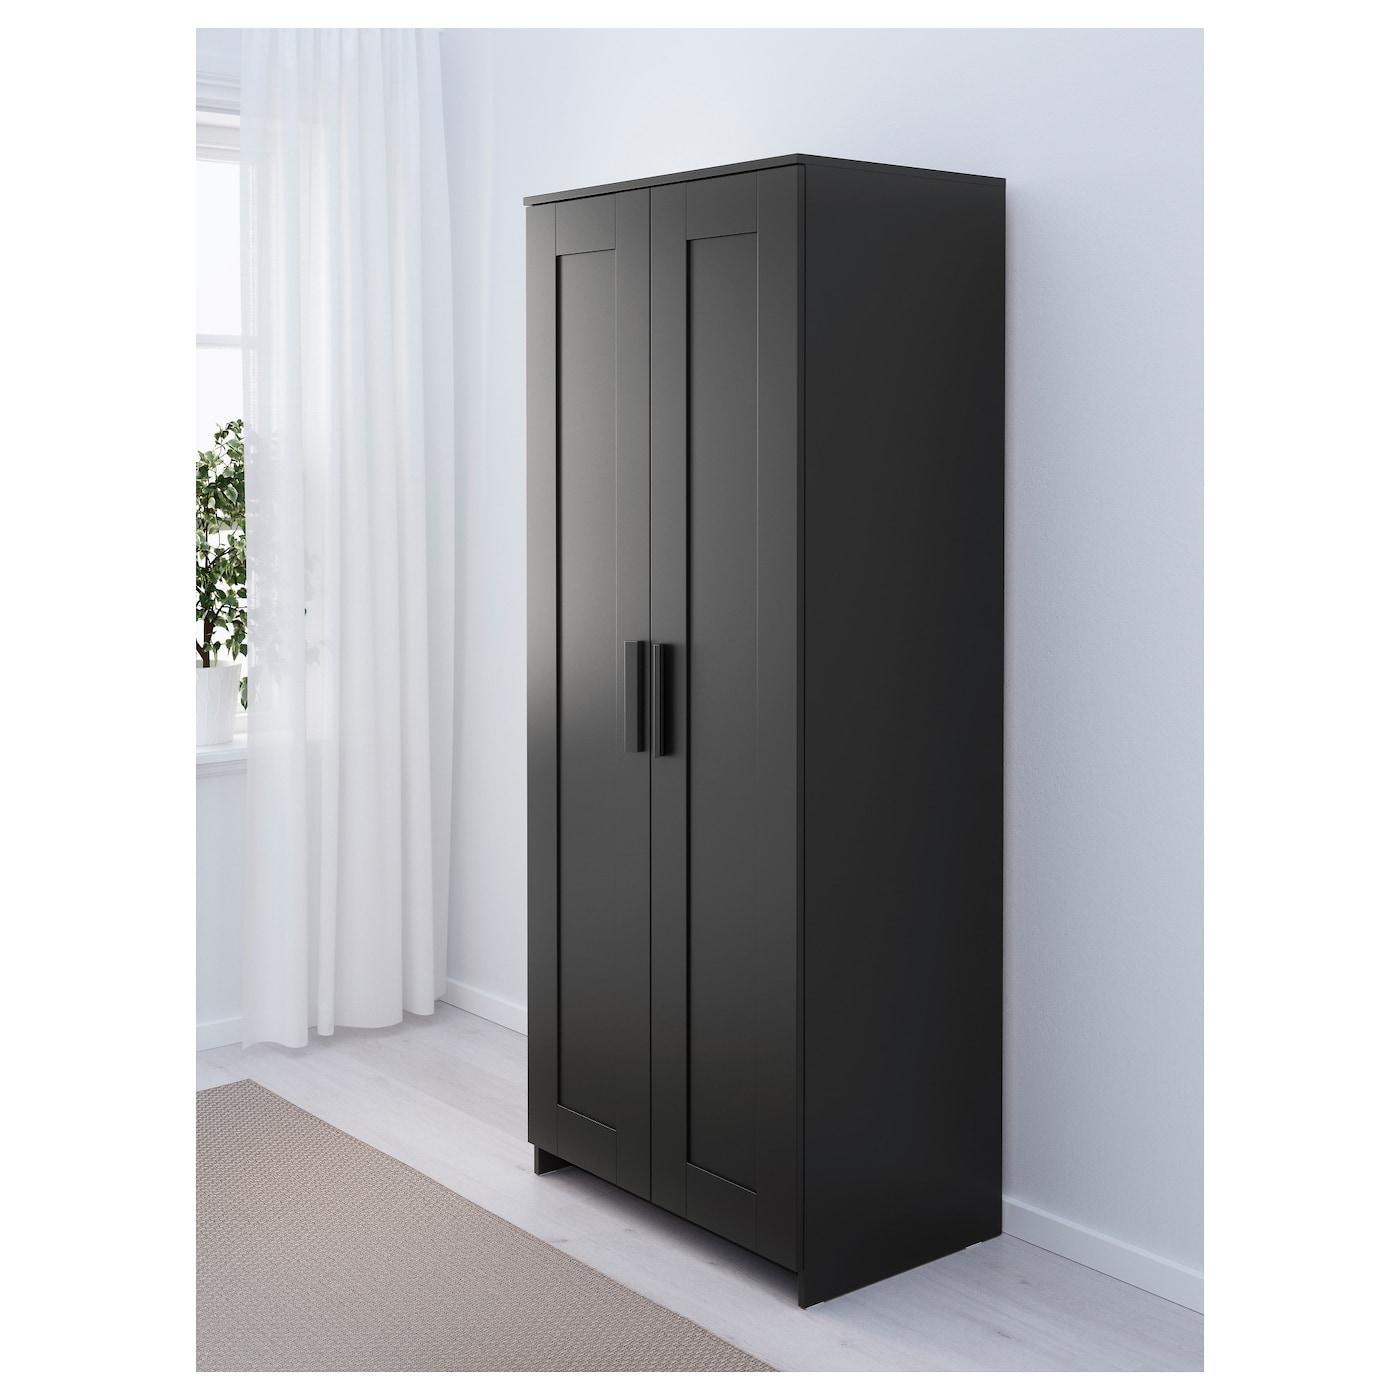 Brimnes kledingkast met 2 deuren zwart 78 x 190 cm ikea for Brimnes guardaroba